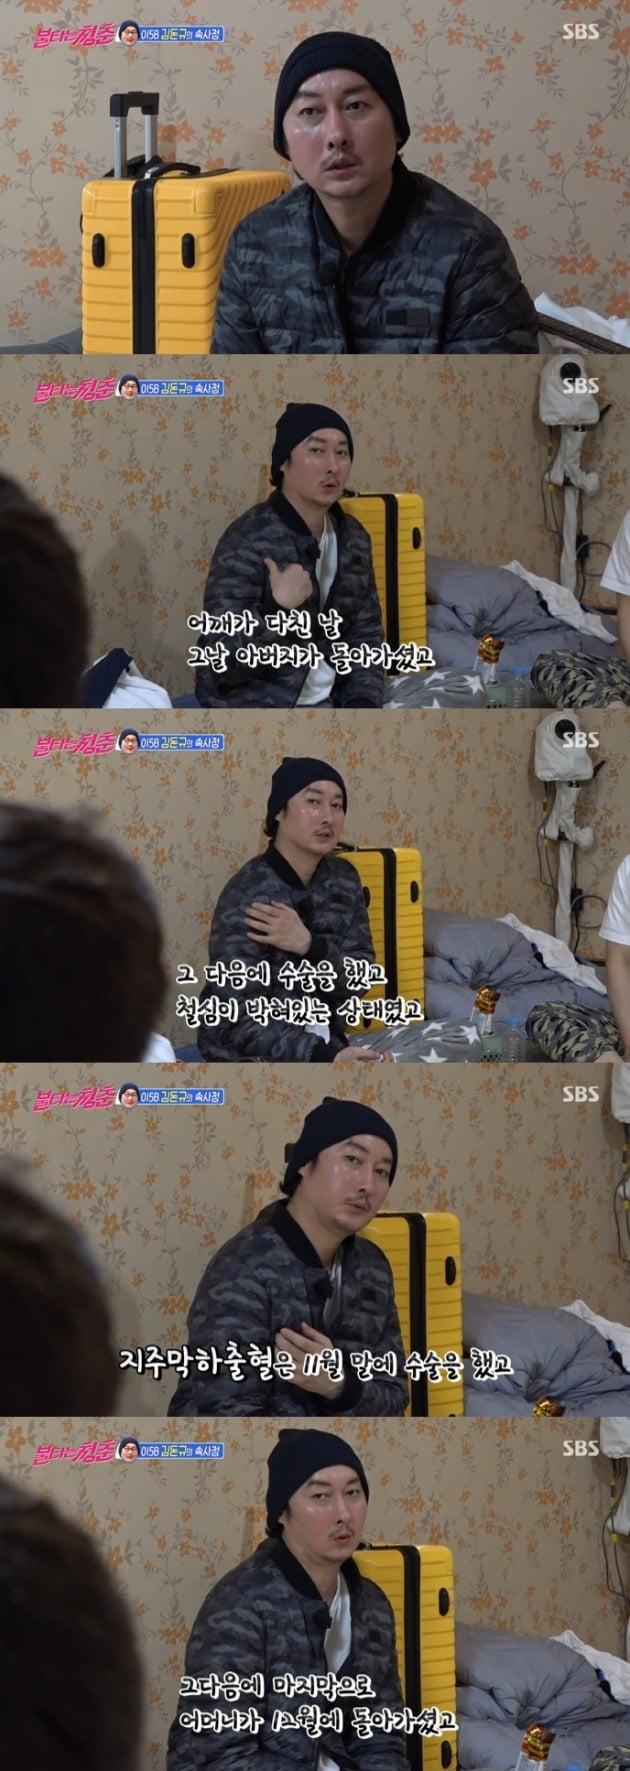 '불타는 청춘' 김돈규가 뇌출혈 수술을 받았다고 밝혔다. / 사진=SBS 방송 캡처